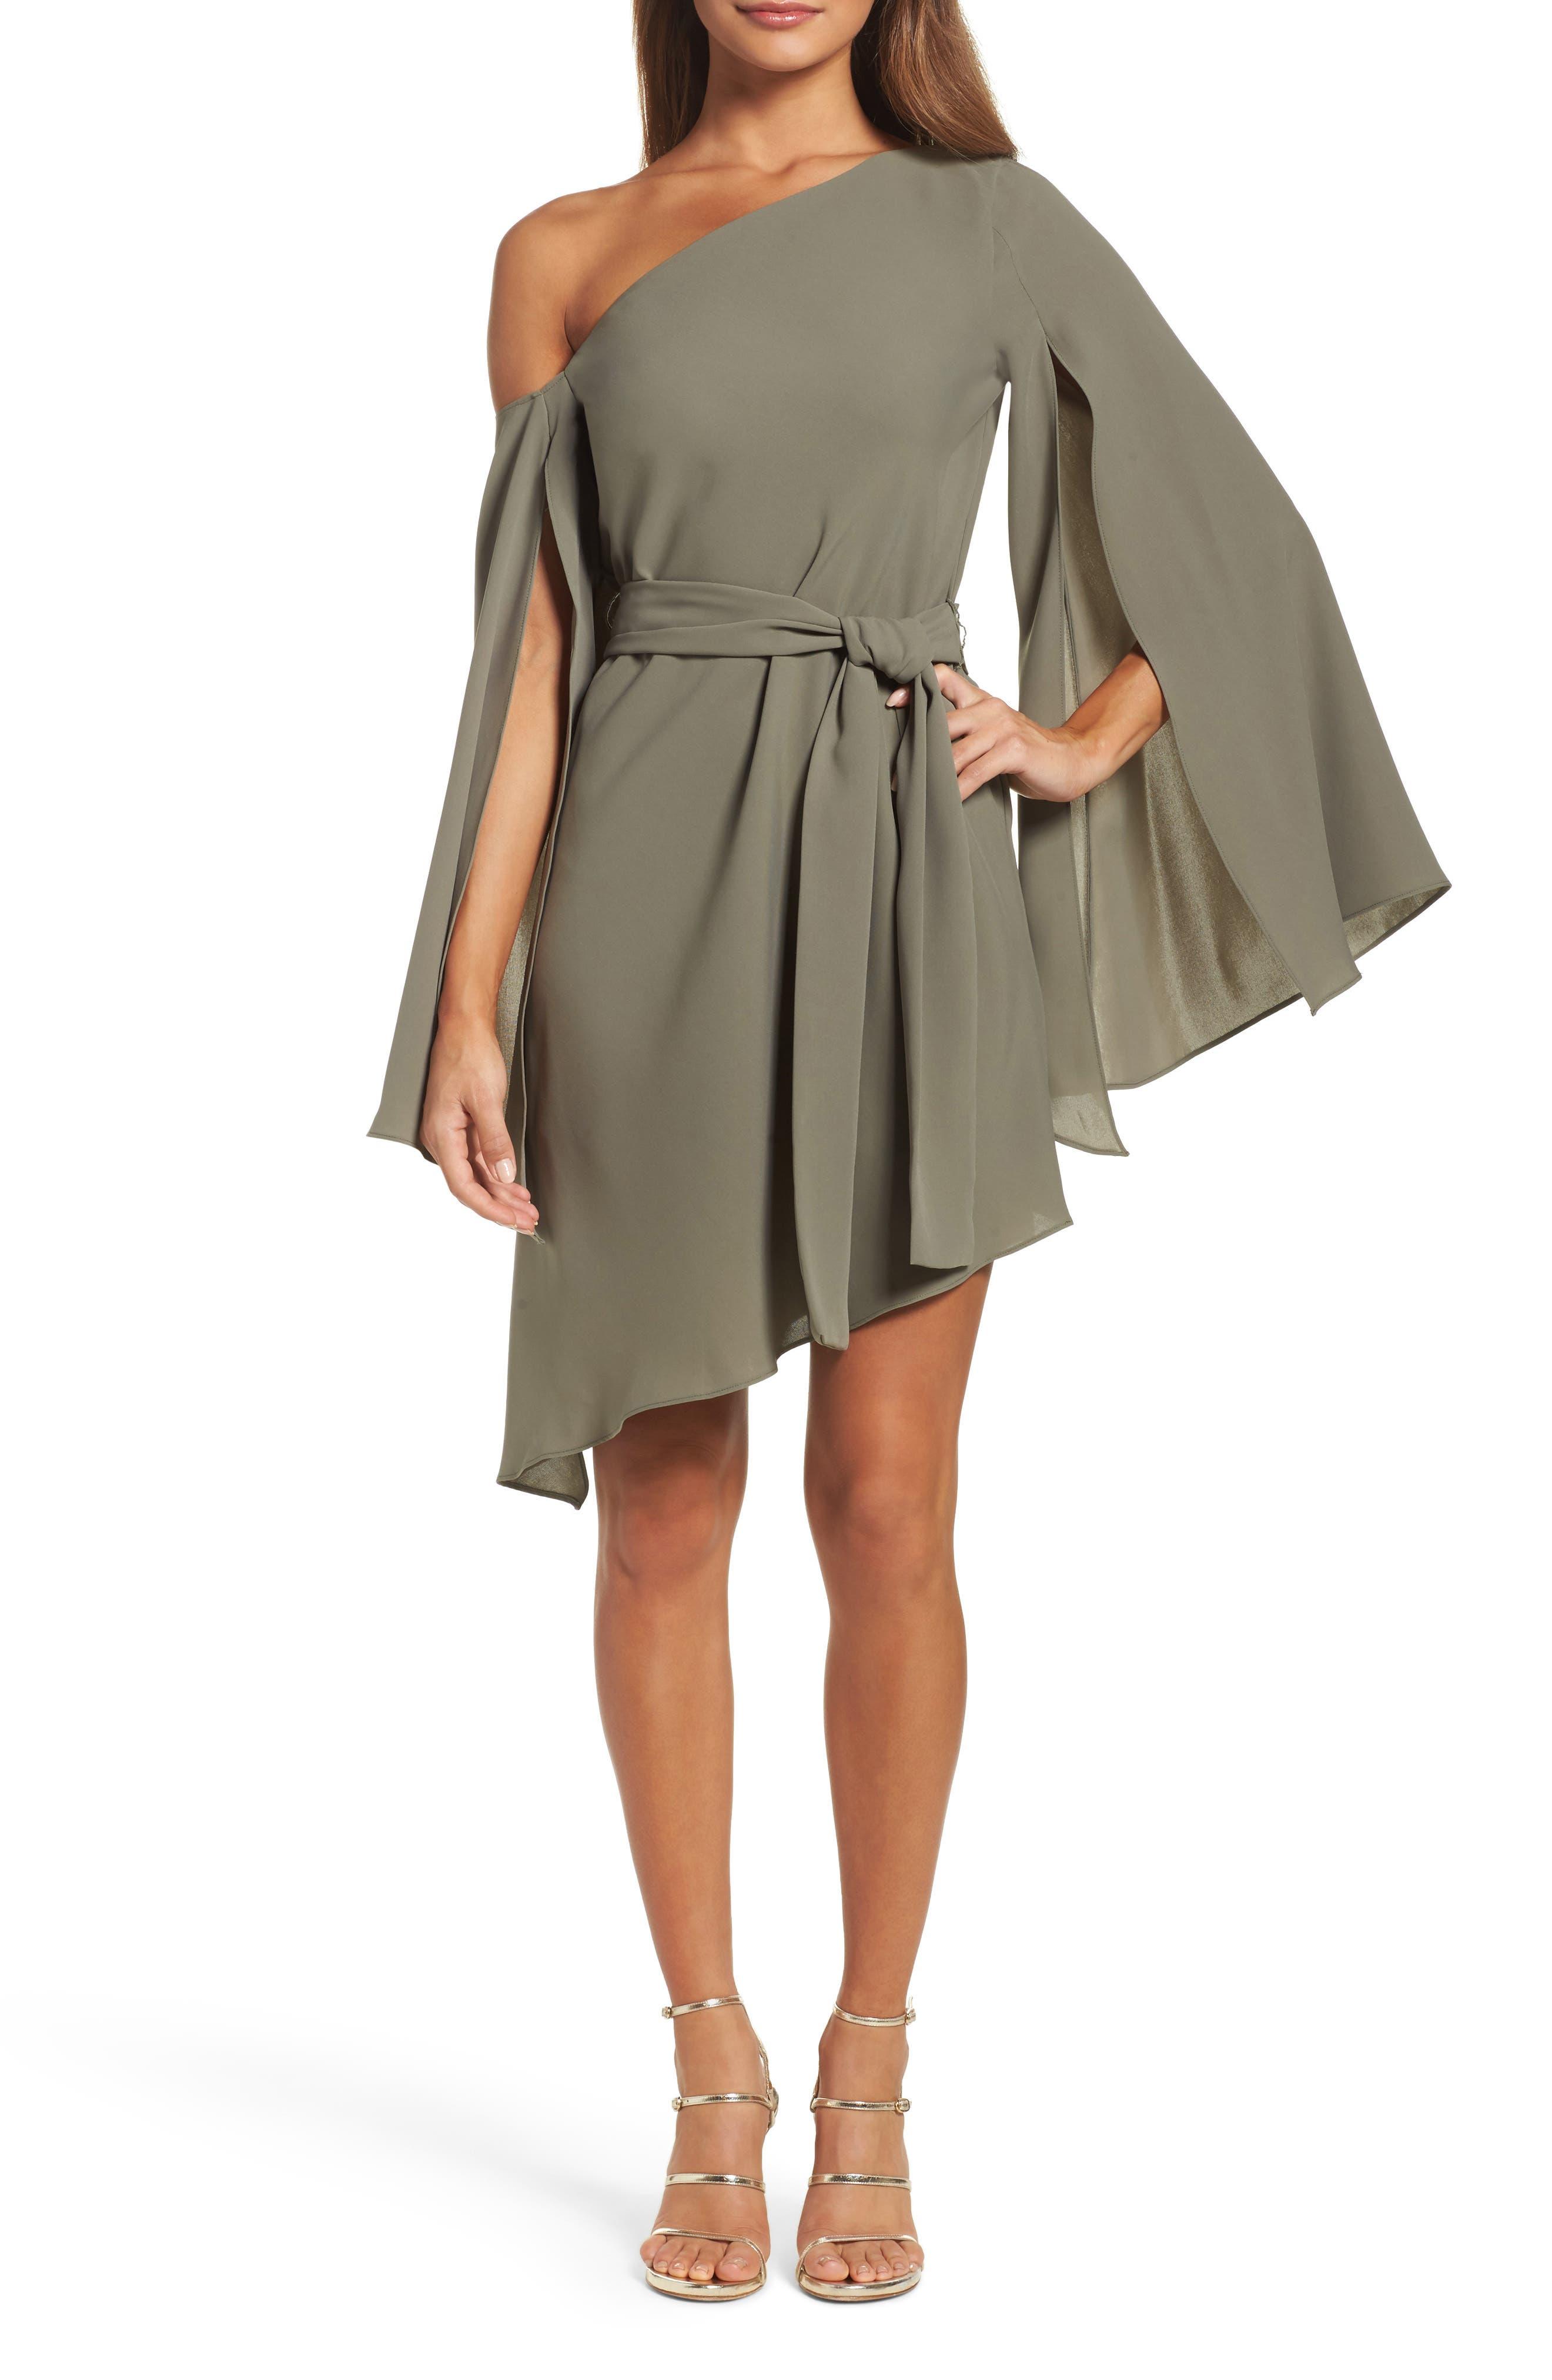 Beyond Me One-Shoulder Dress,                         Main,                         color, 342